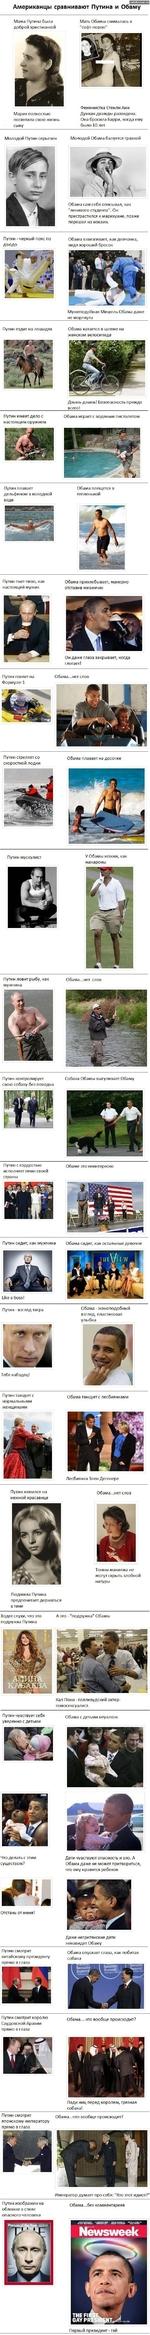 """Американцы сравнивают Путина и Обаму Мама Путина была доброй христианкой Мария полностью посвятила свою жизнь сыну Феминистка Стенли Анн Дунхан дважды разведена. Она бросила Барри, когда ему было 10 лет Мать Обамы снималась в """"софт-порно"""" Молодой Путин серьезен Молодой Обама балуется травкой"""